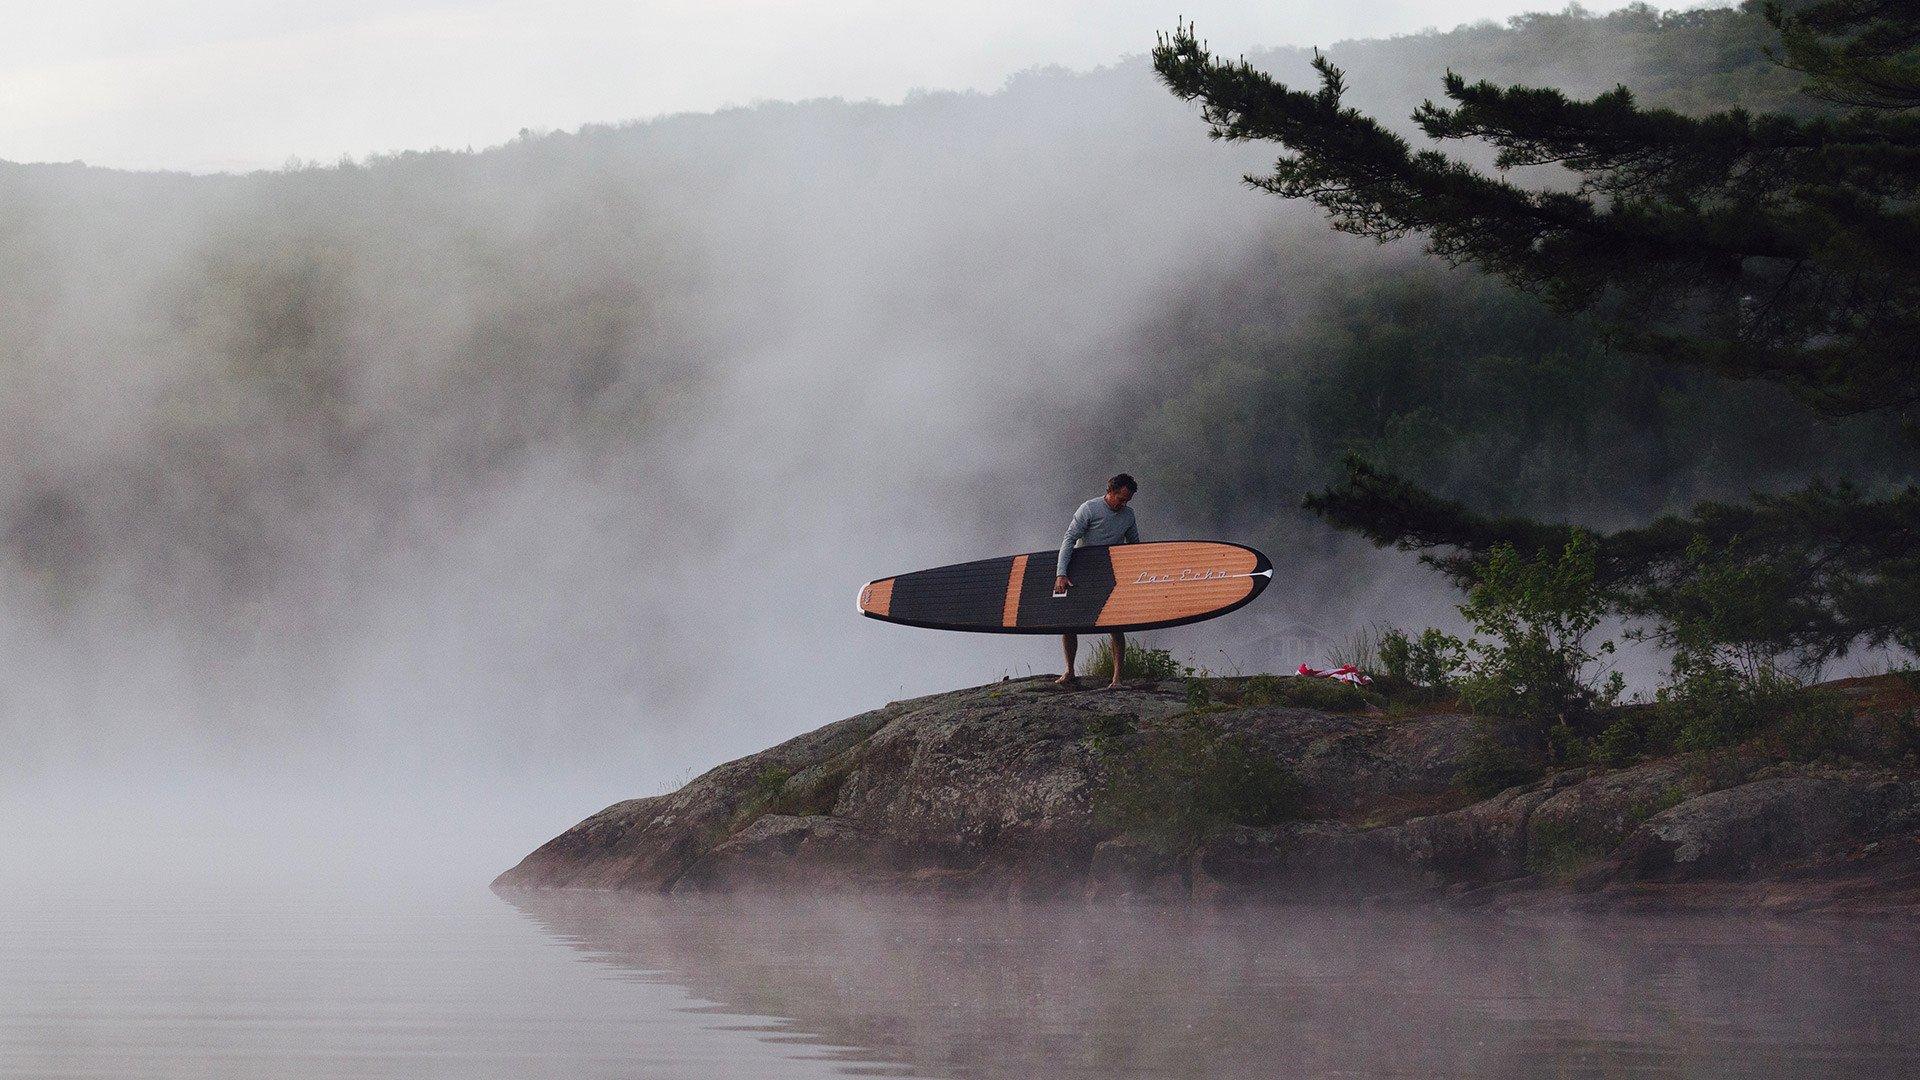 Beau Lake ouvre une nouvelle ère aux loisirs nautiques 5